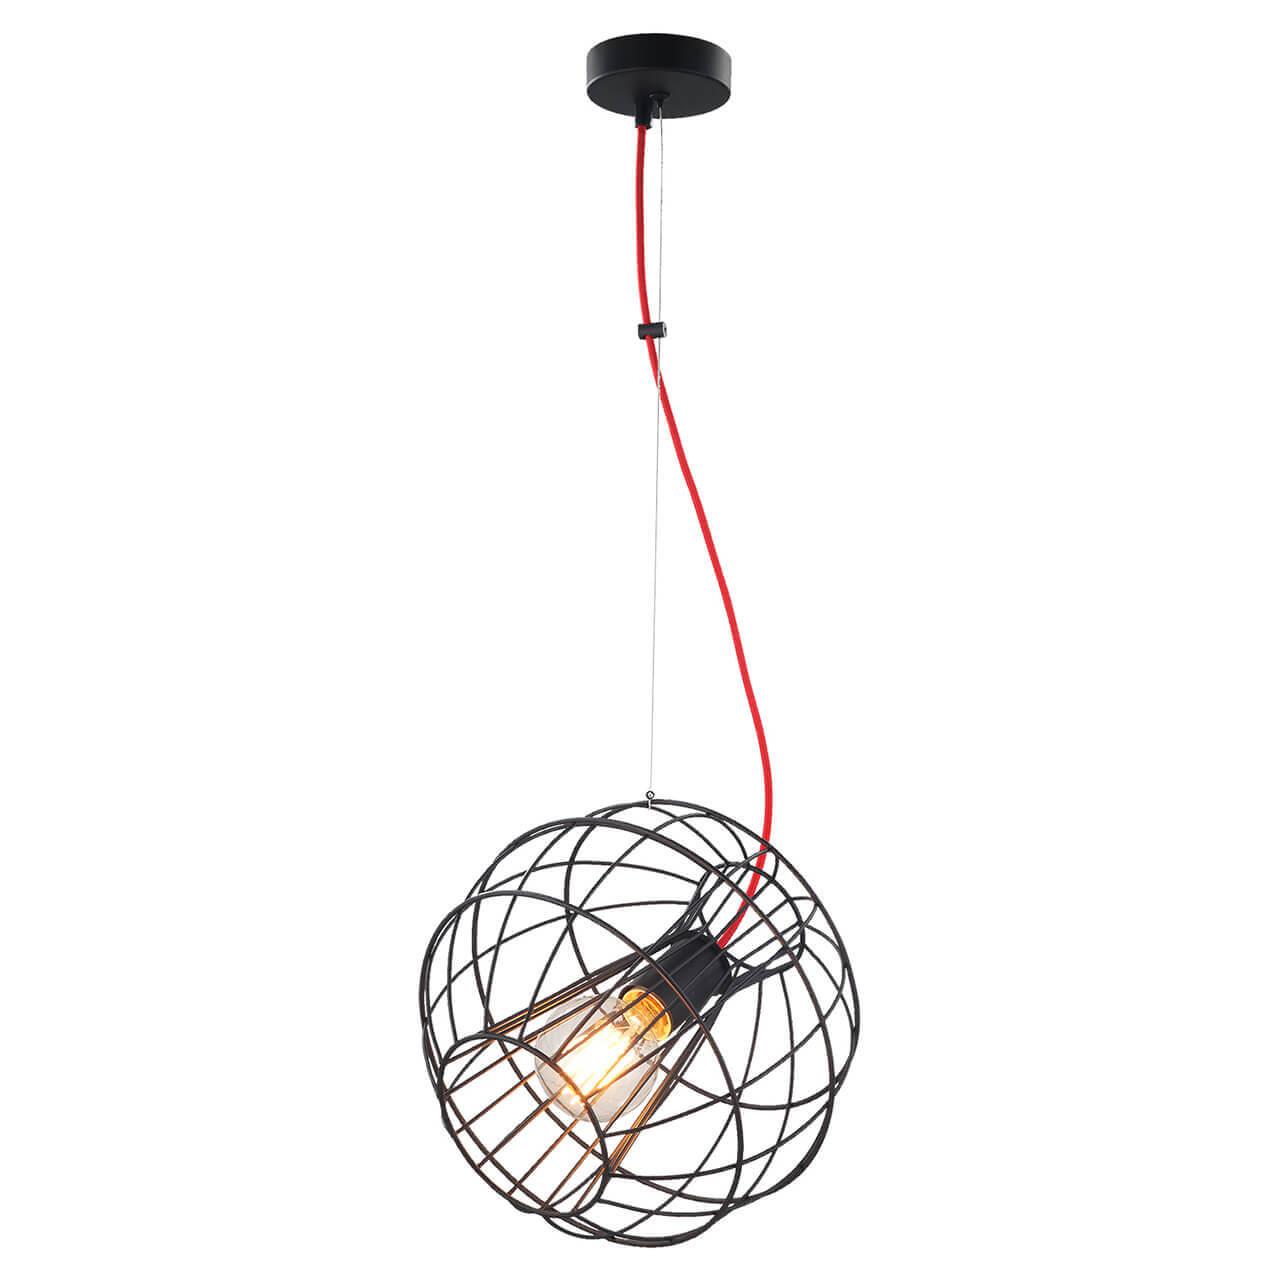 Светильник подвесной Toplight Serena TL1200H-01BK светильник подвесной toplight laurel tl1201h 01bk